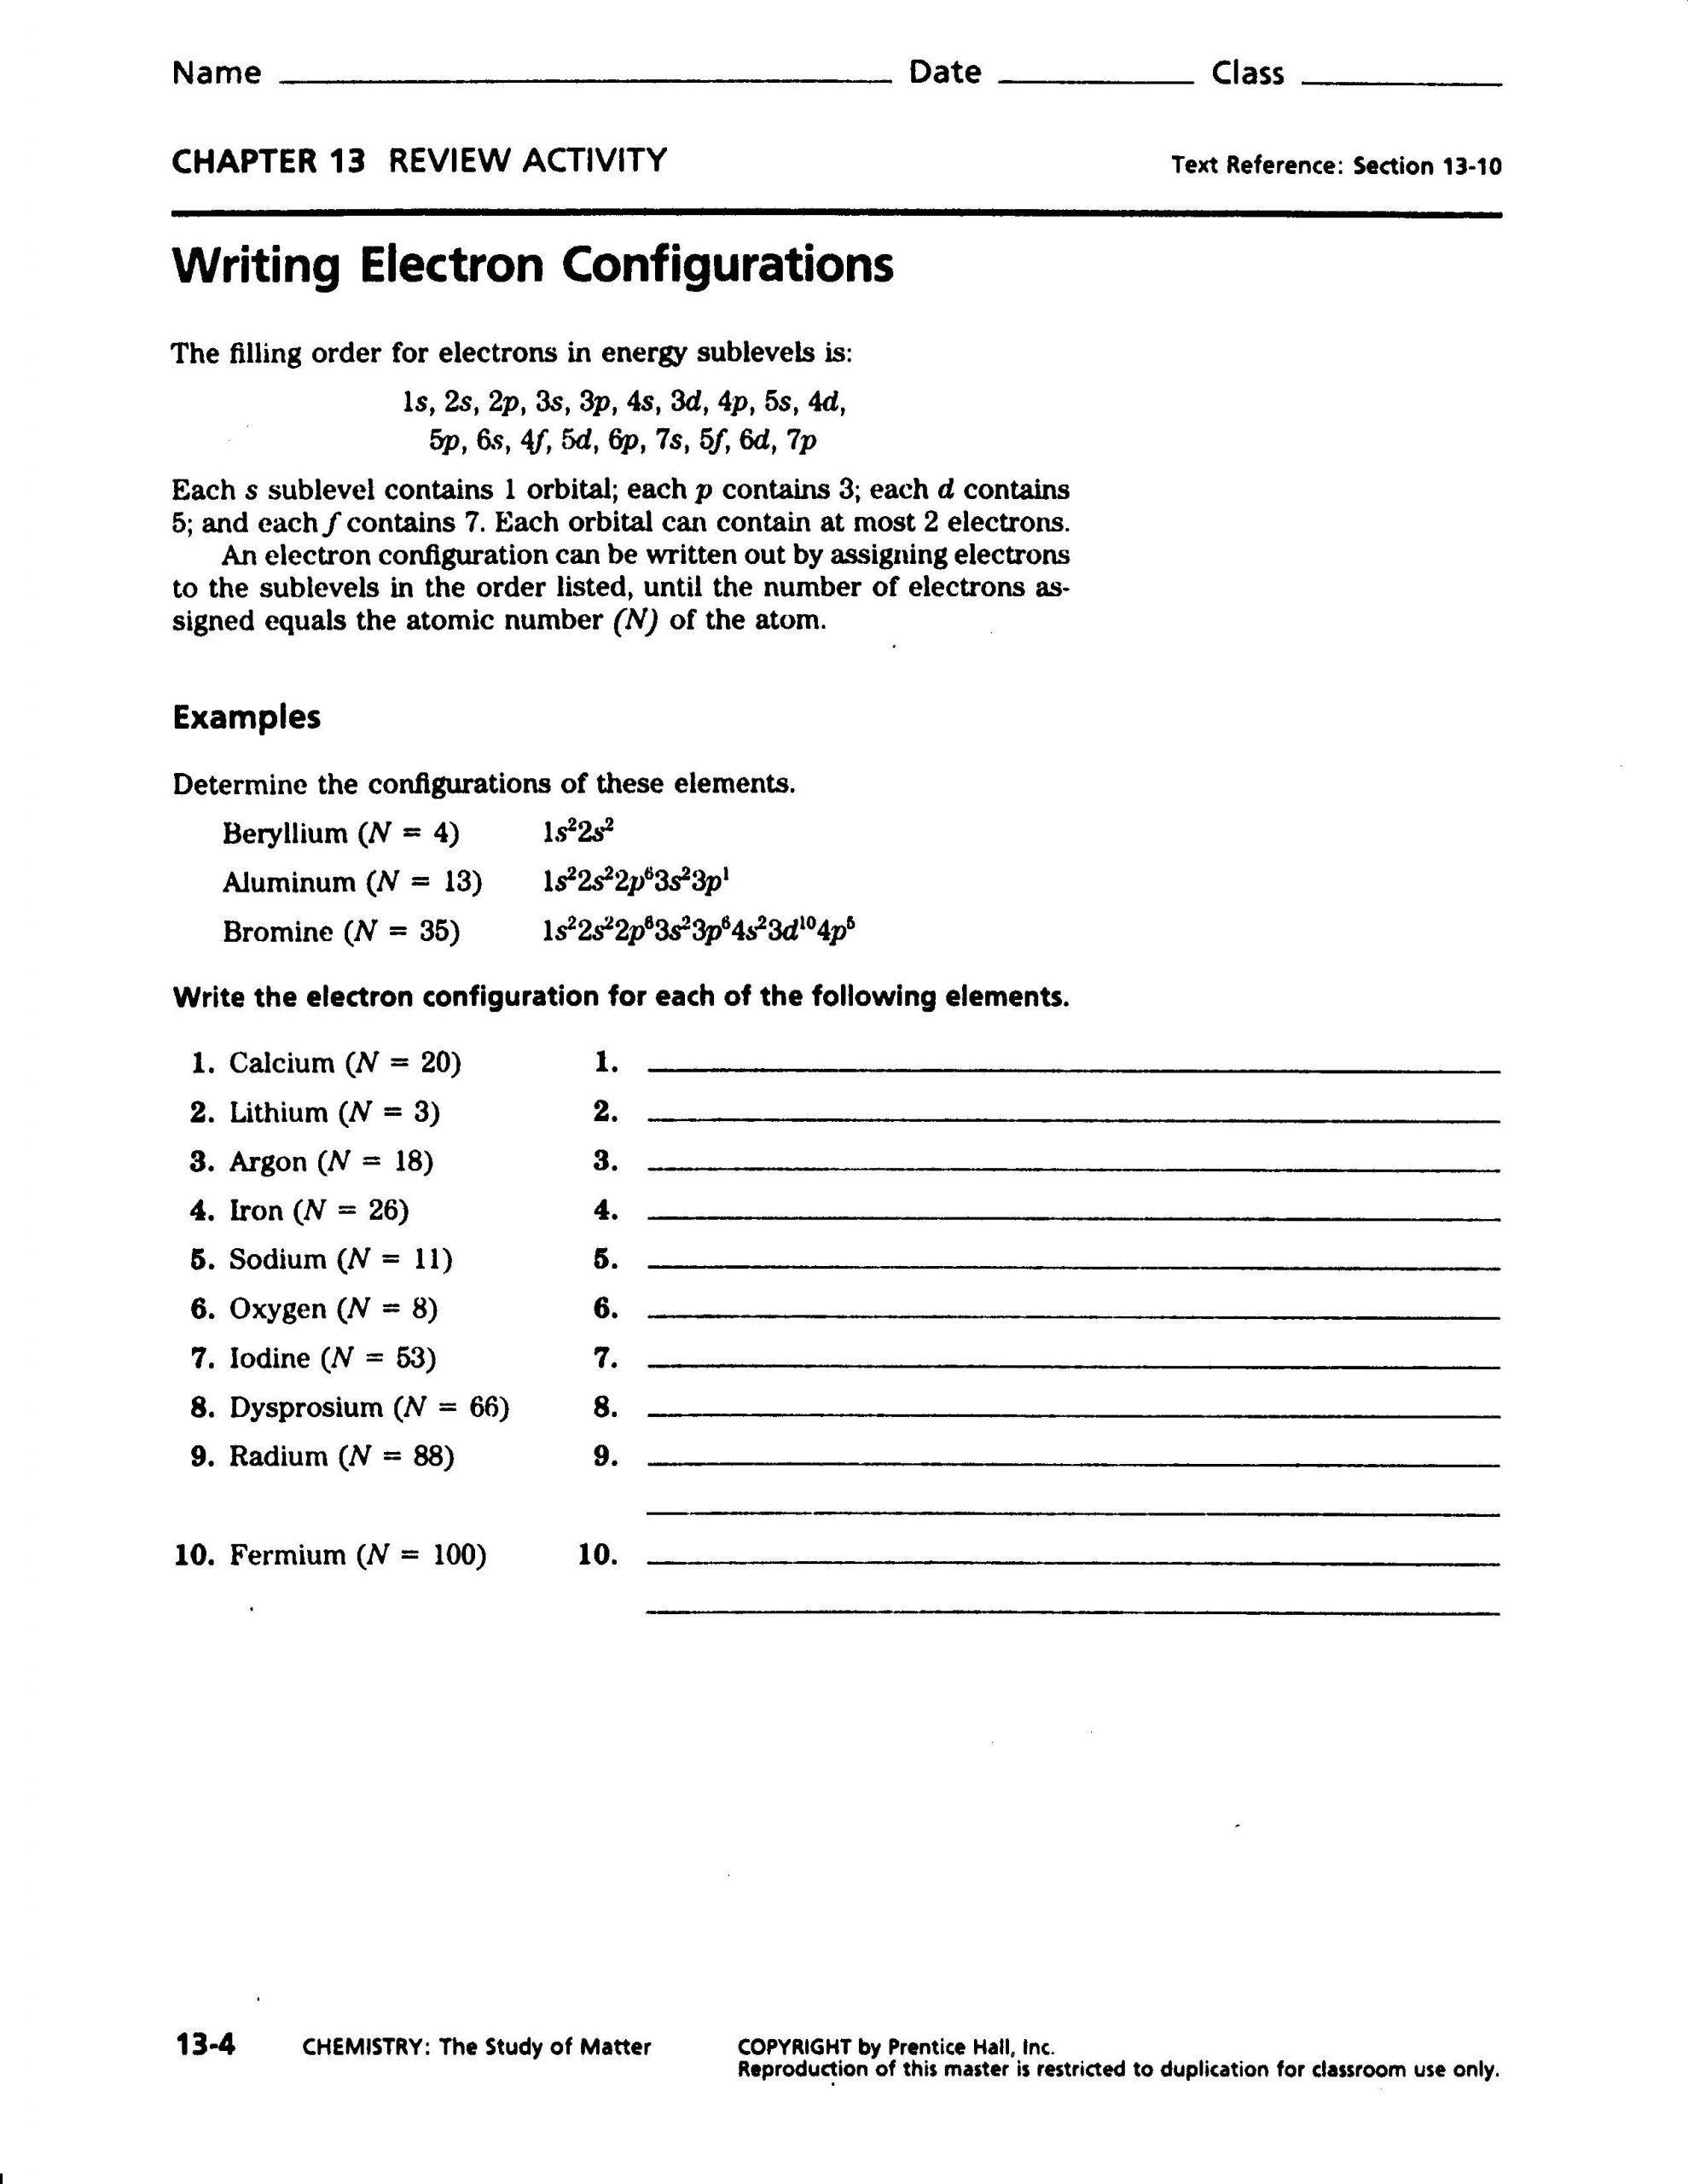 Electron Configuration Worksheet Answers Key Electron